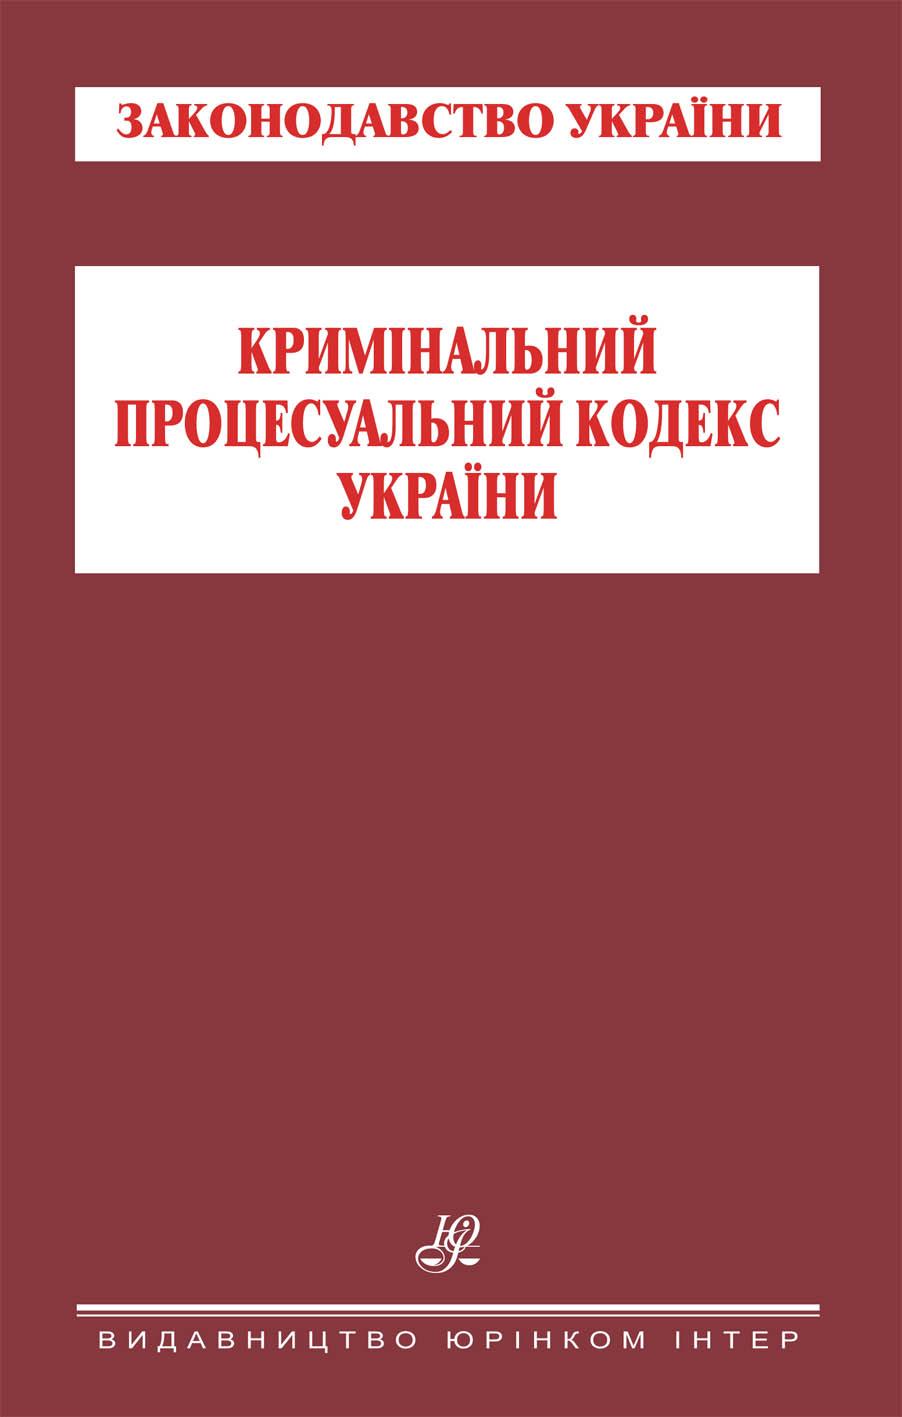 Обложка книги Кримінальний процесуальний кодекс. Приймаються замовлення